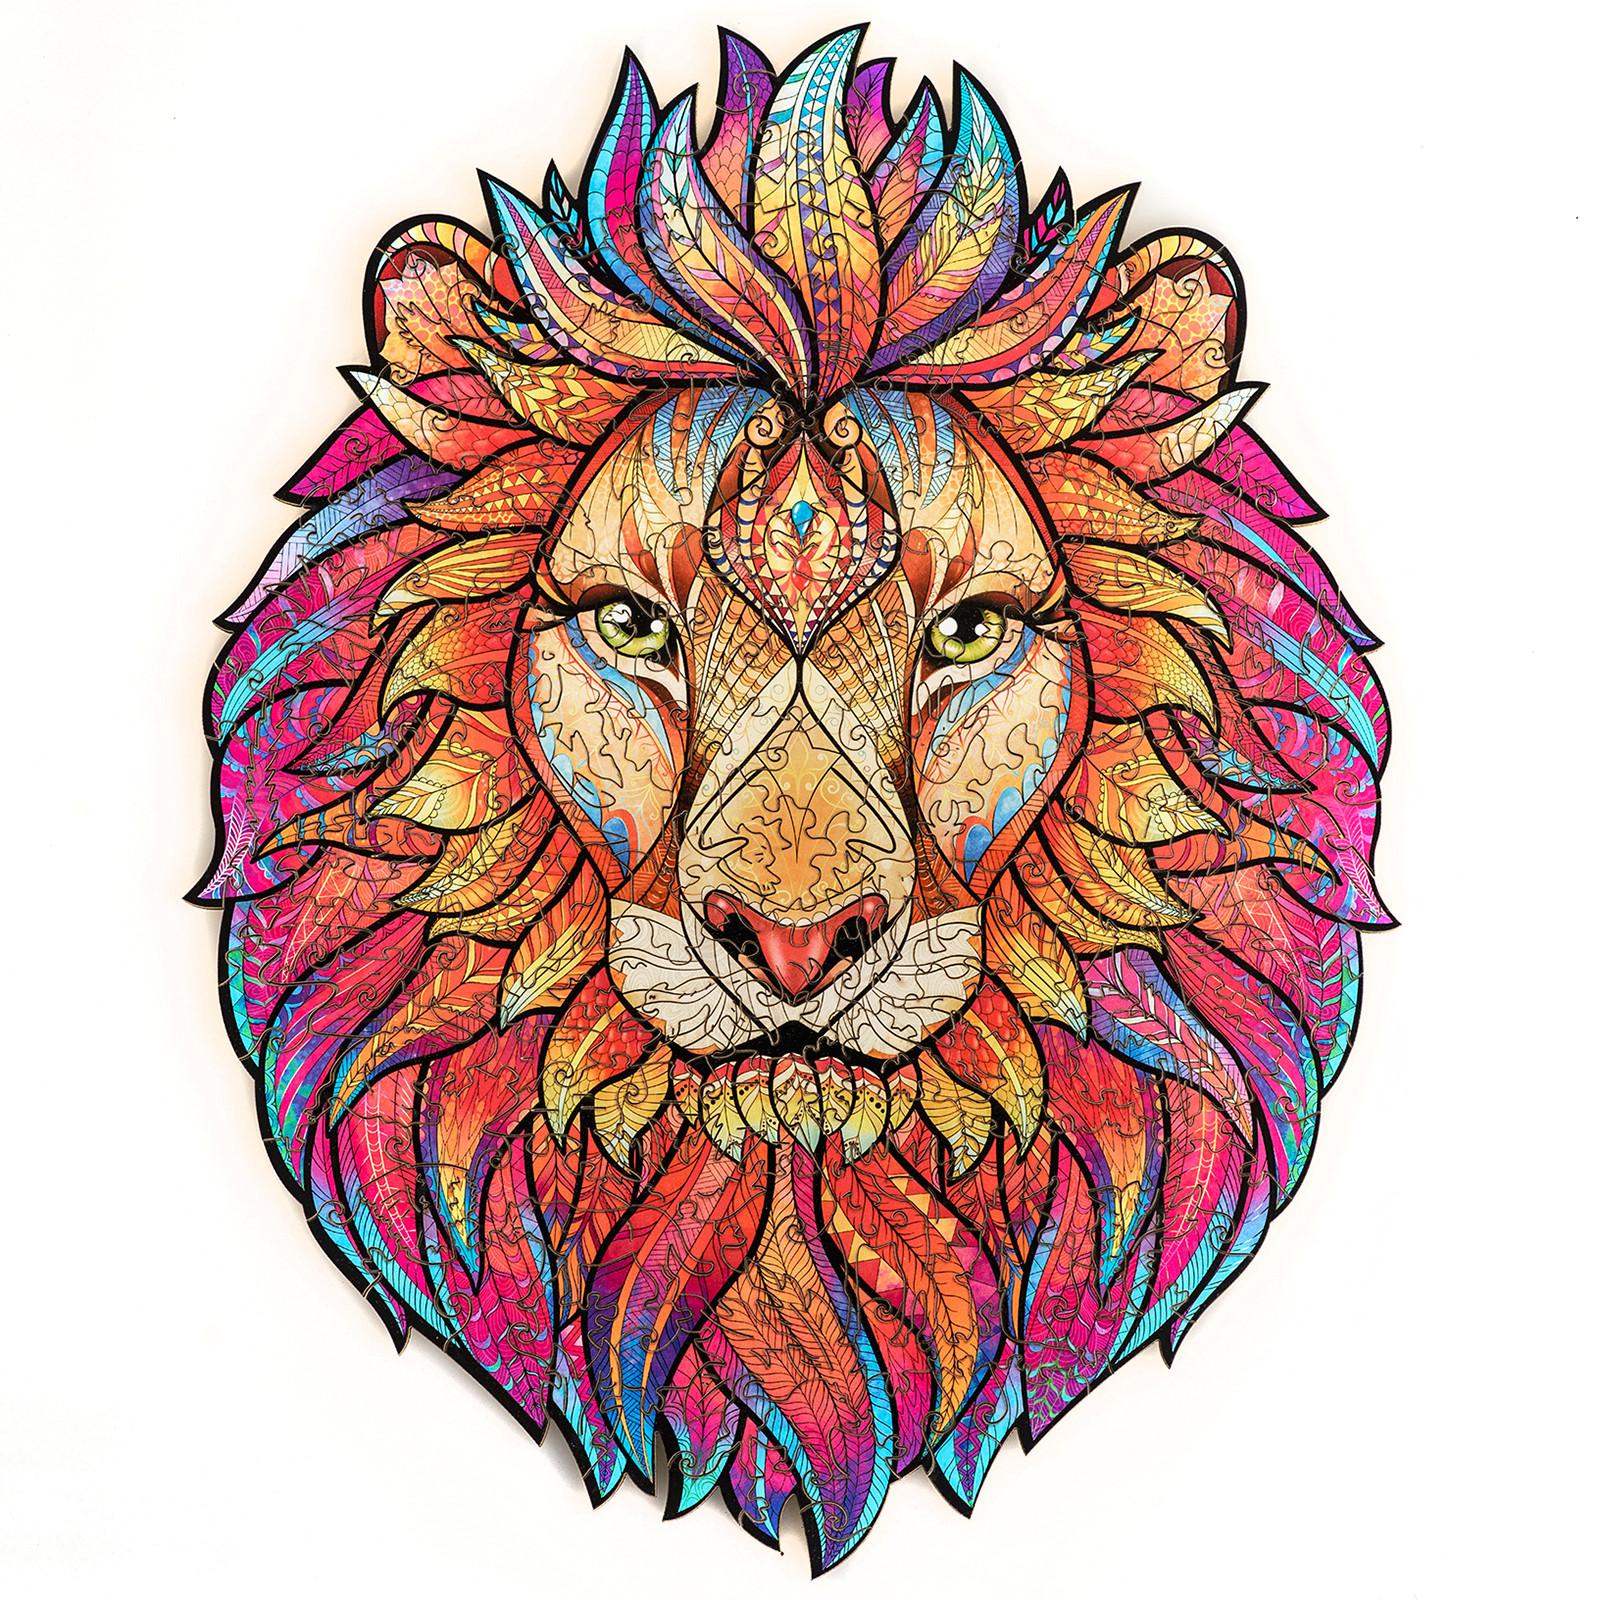 Unidragon деревянный пазл «Таинственный лев» KS (А3)